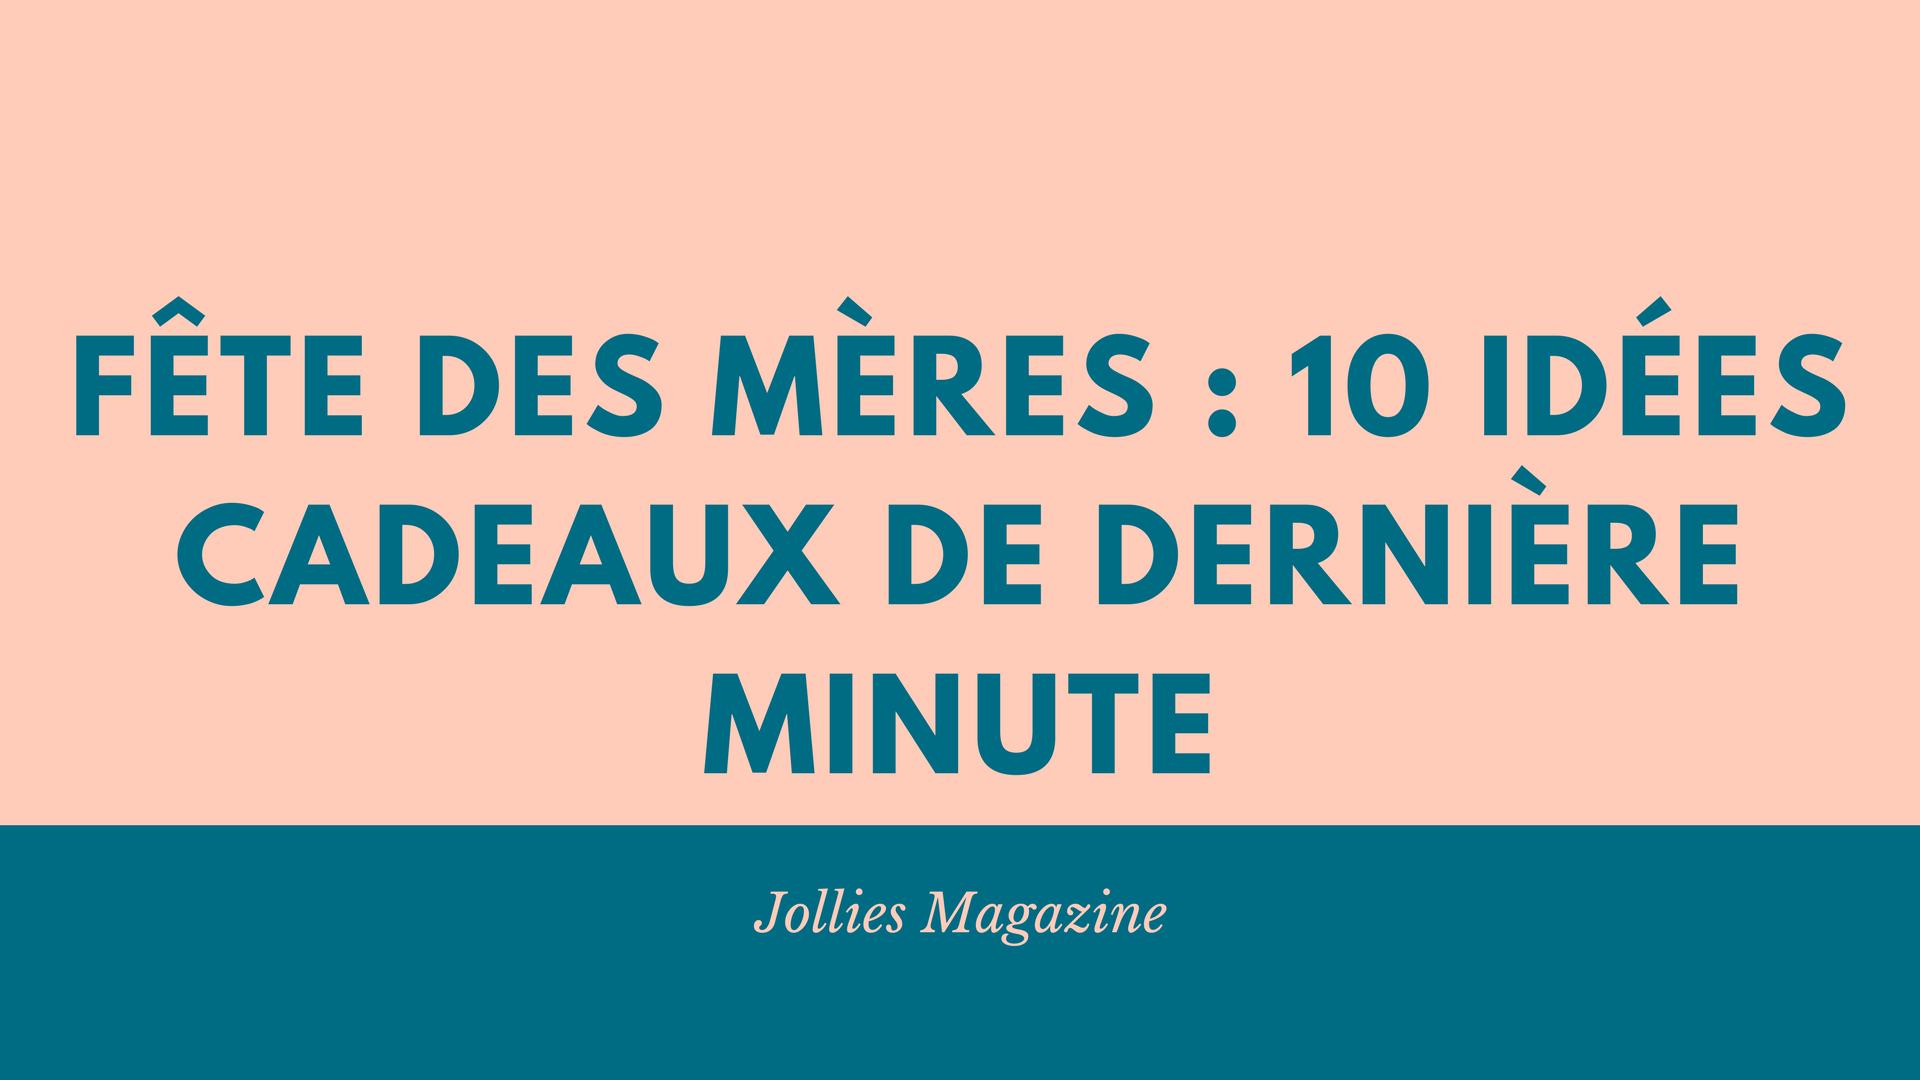 fête des mères : 10 idées cadeaux de dernière minute – jollies magazine